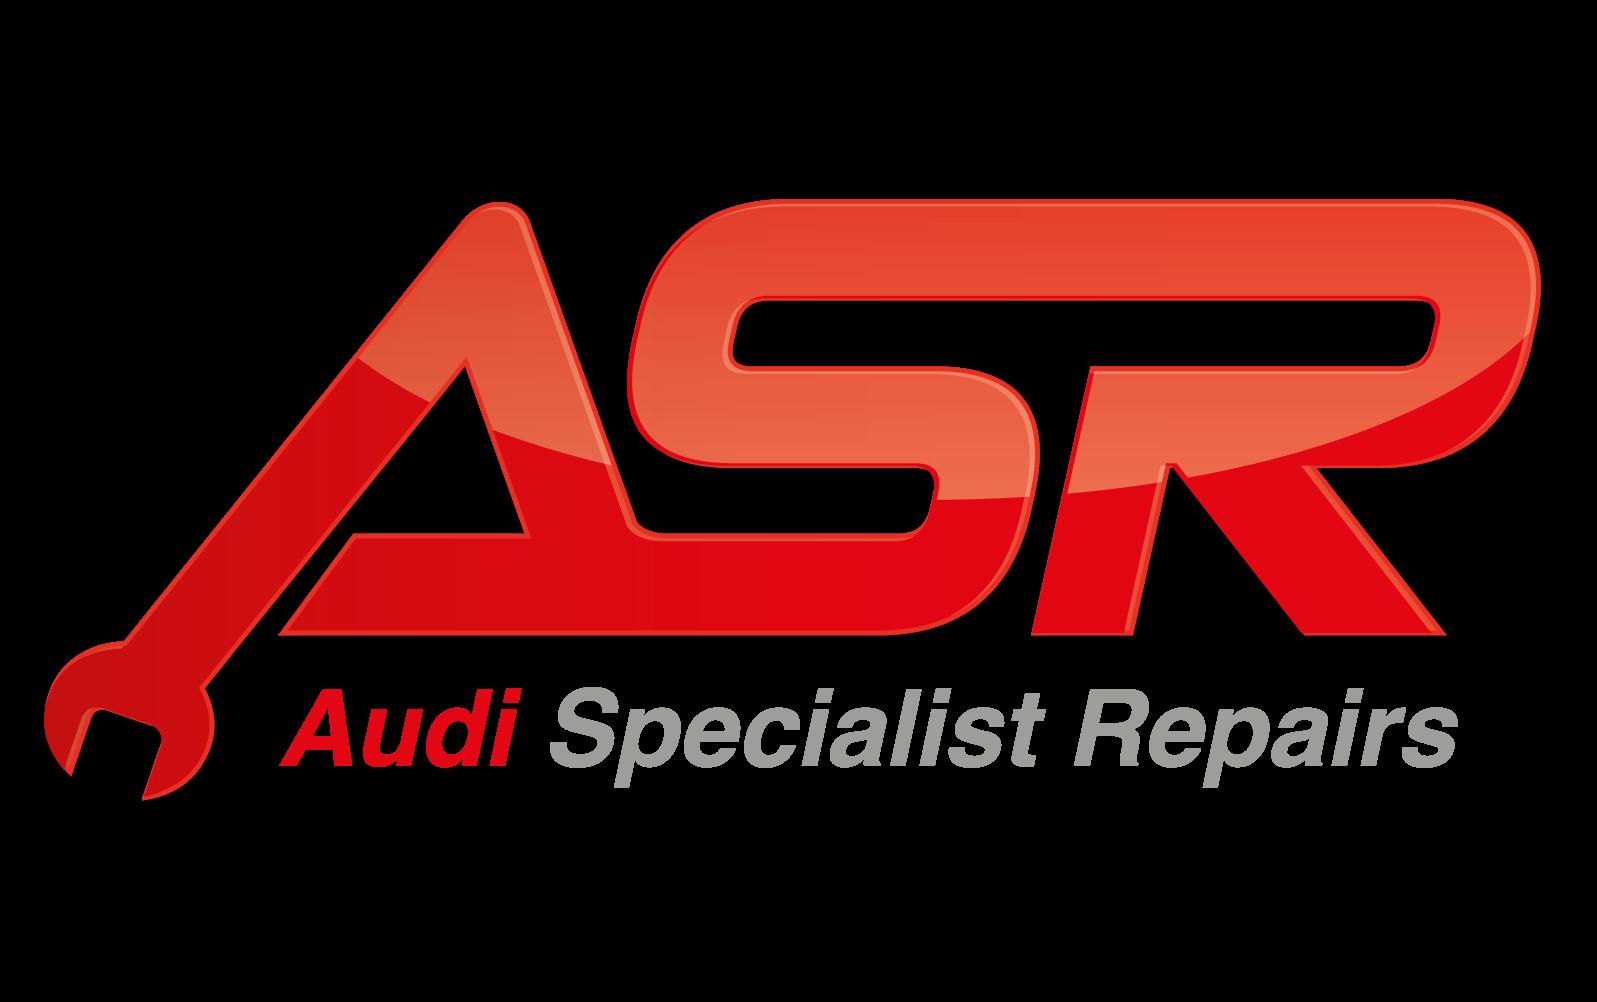 Audi Specialist Repairs